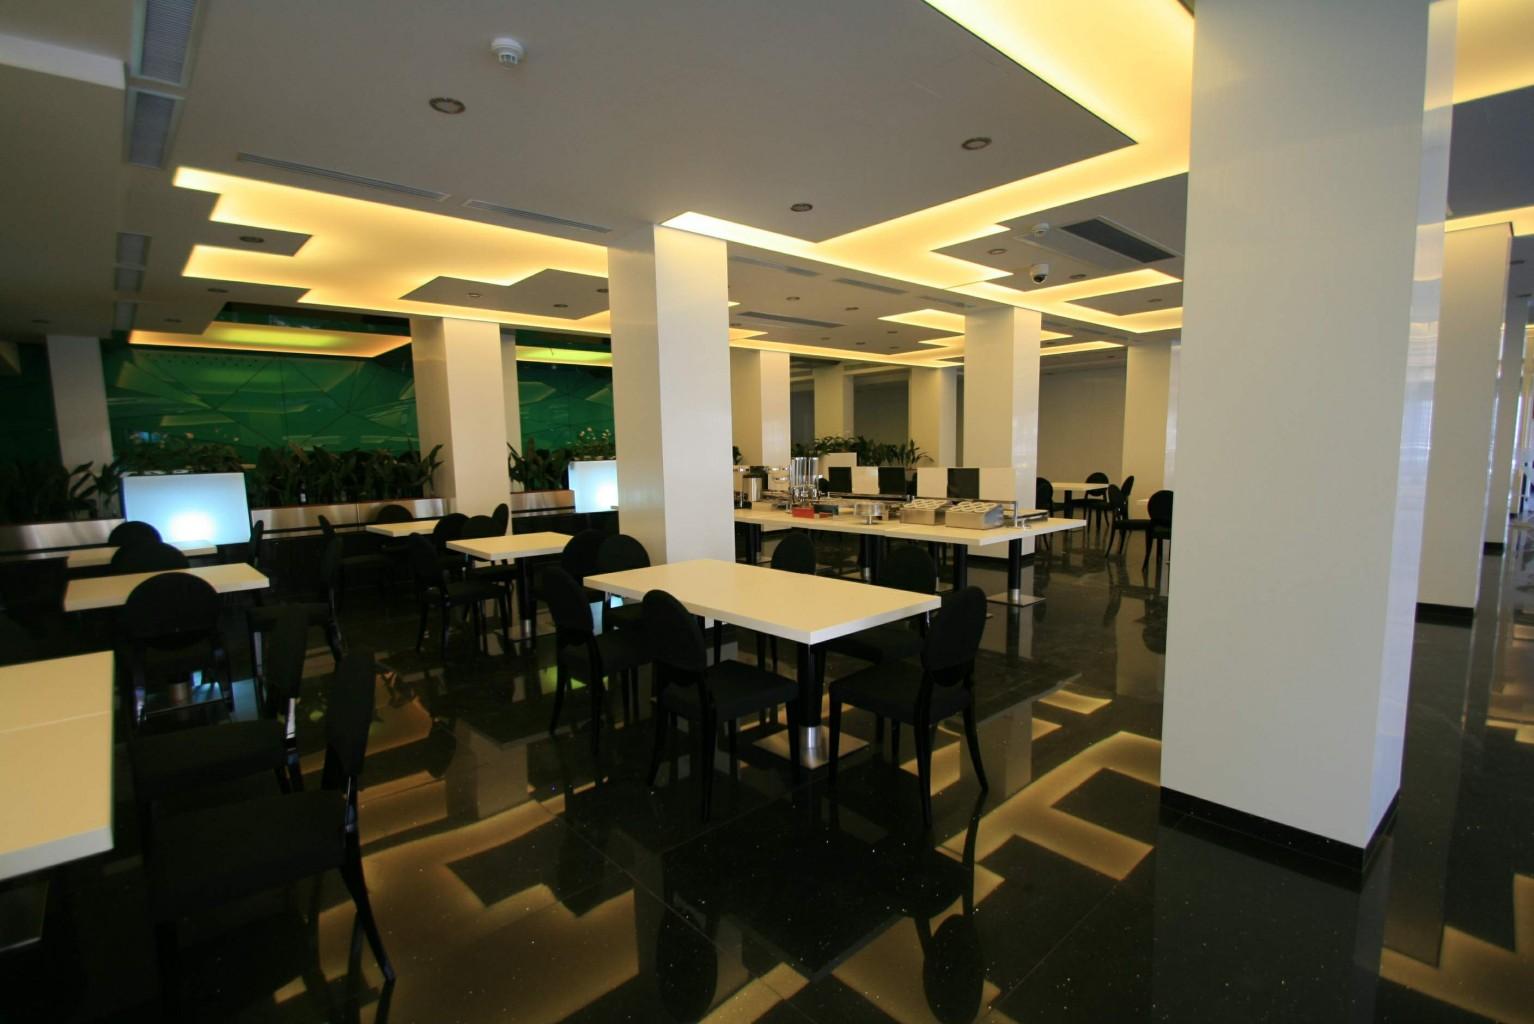 sala restaurant placare stalpi hpl rigato alb placare perete sticla vopsita model tridimensional